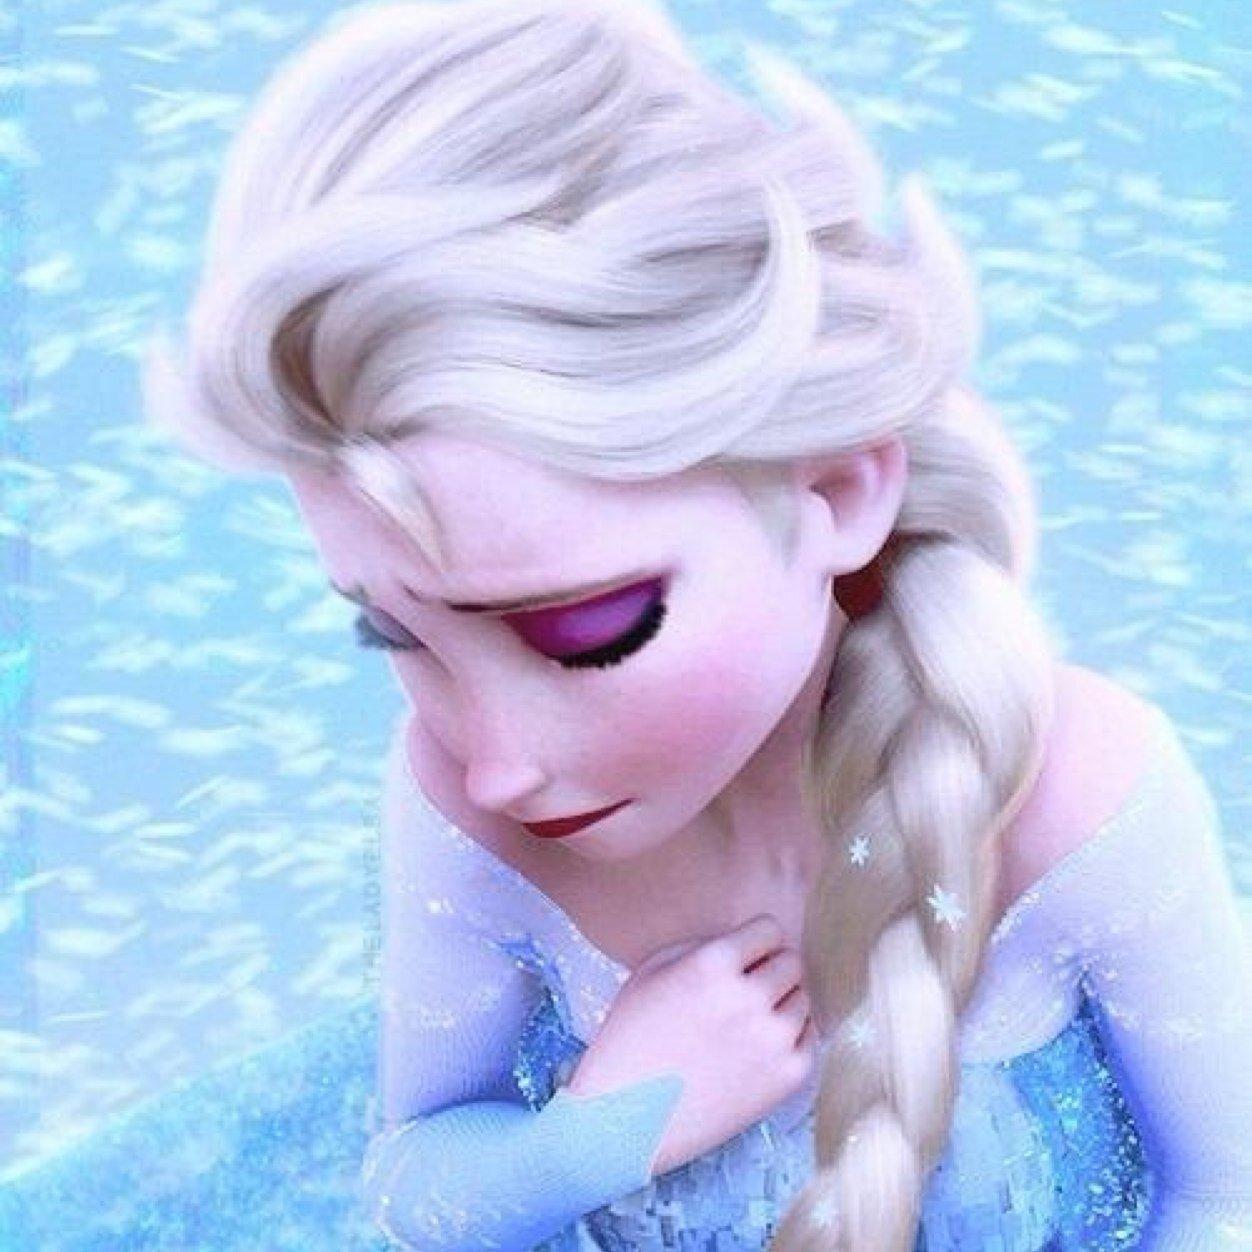 吹雪の中で苦しむエルサ